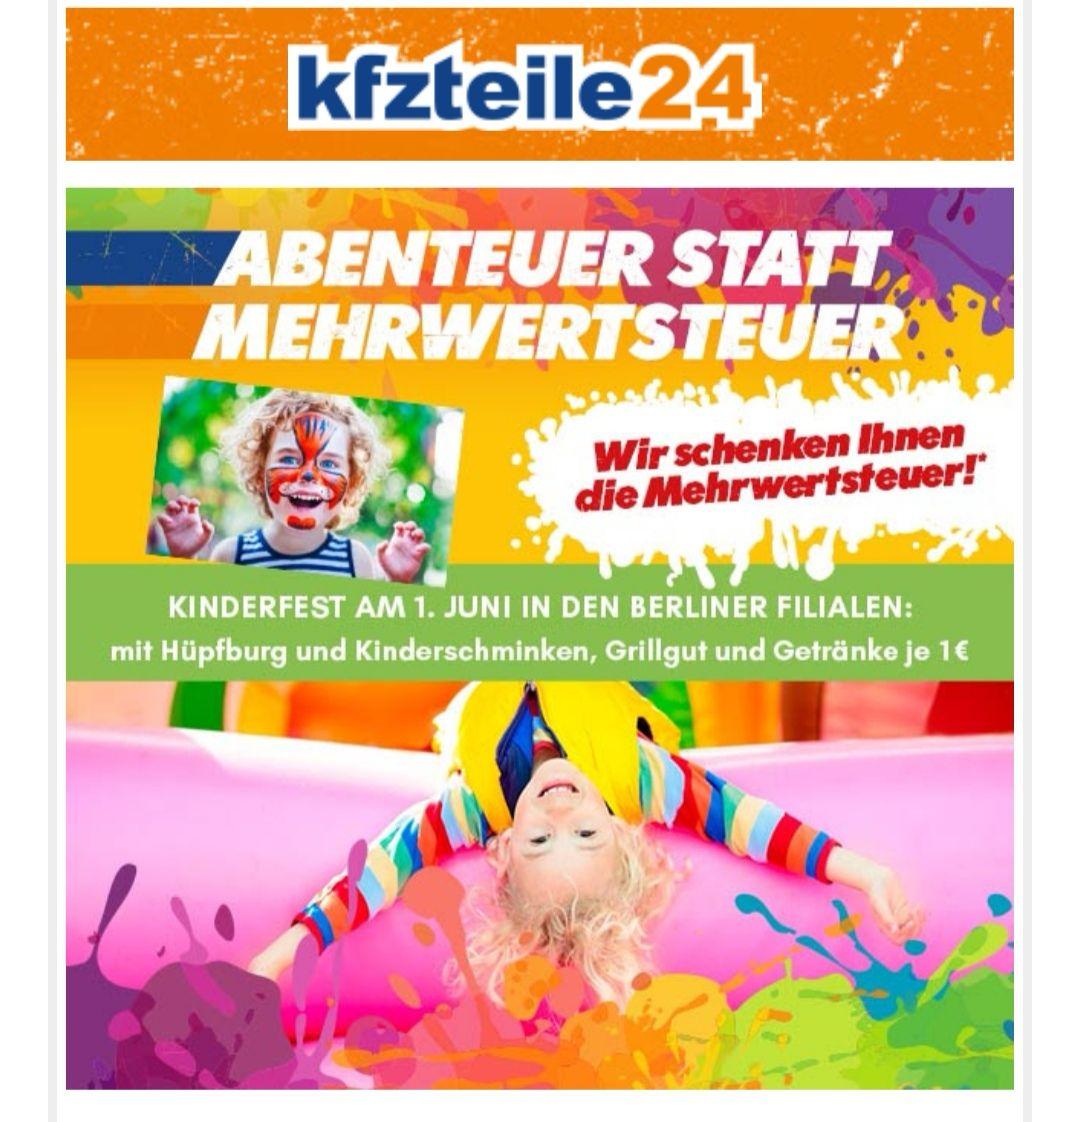 kfzteile24 kinderfest mwst geschenkt lokal berlin. Black Bedroom Furniture Sets. Home Design Ideas